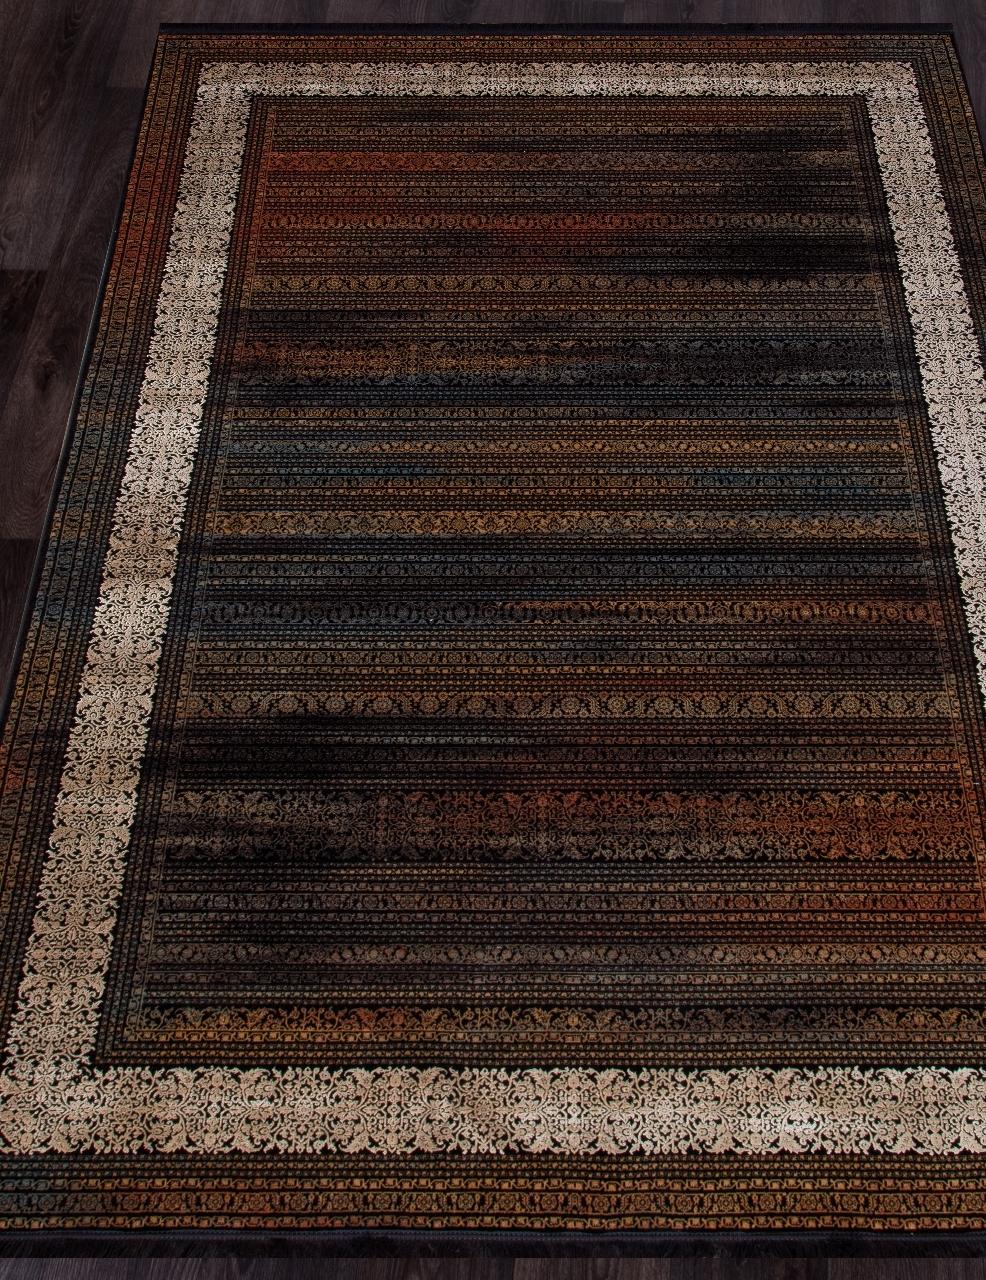 Ковер 9252 - BROWN - Прямоугольник - коллекция SHEIKH - фото 1